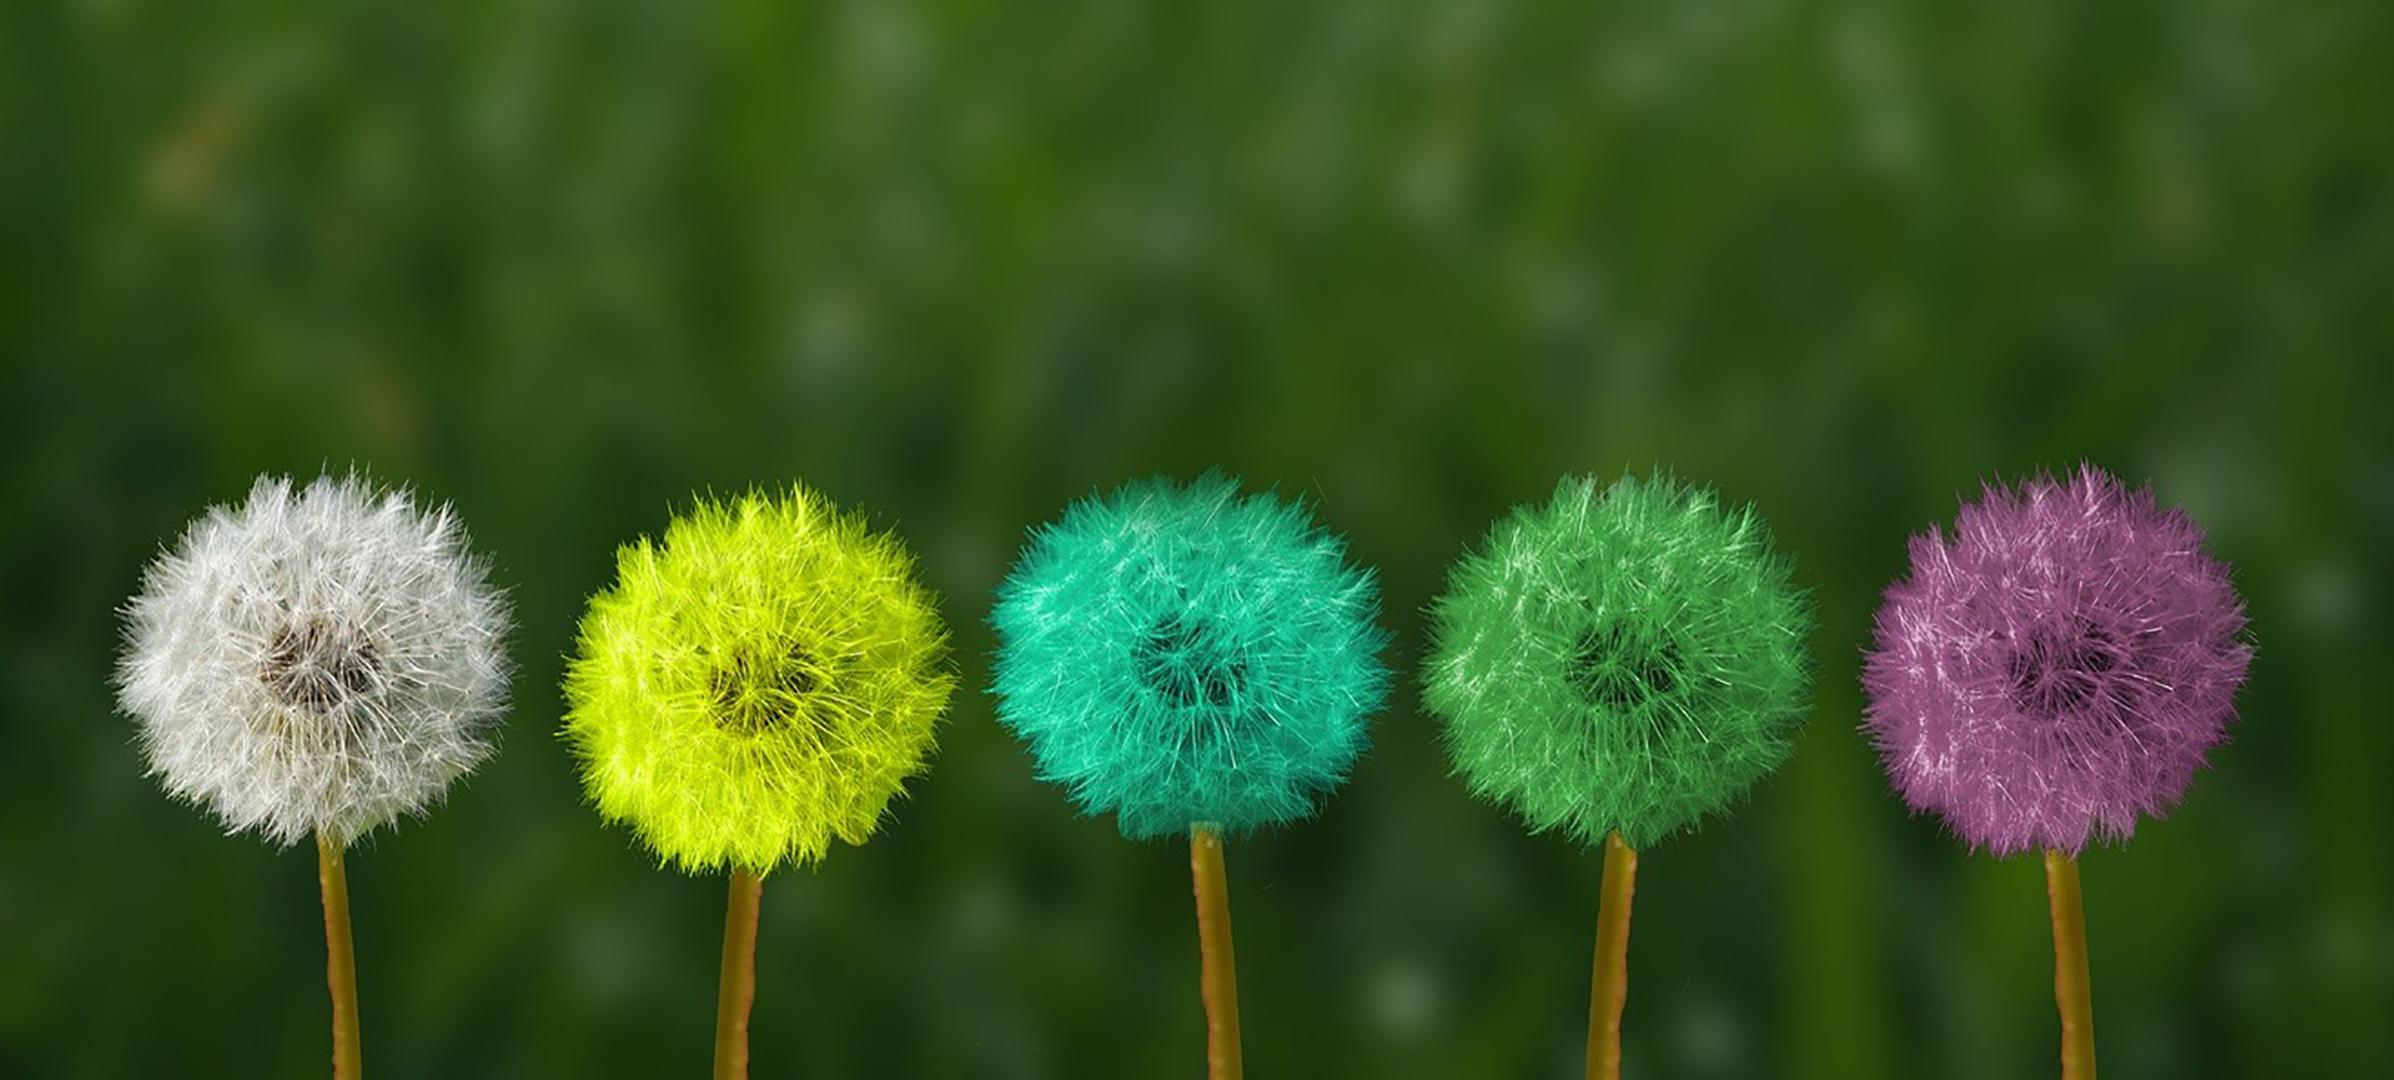 Farbige Pusteblumen